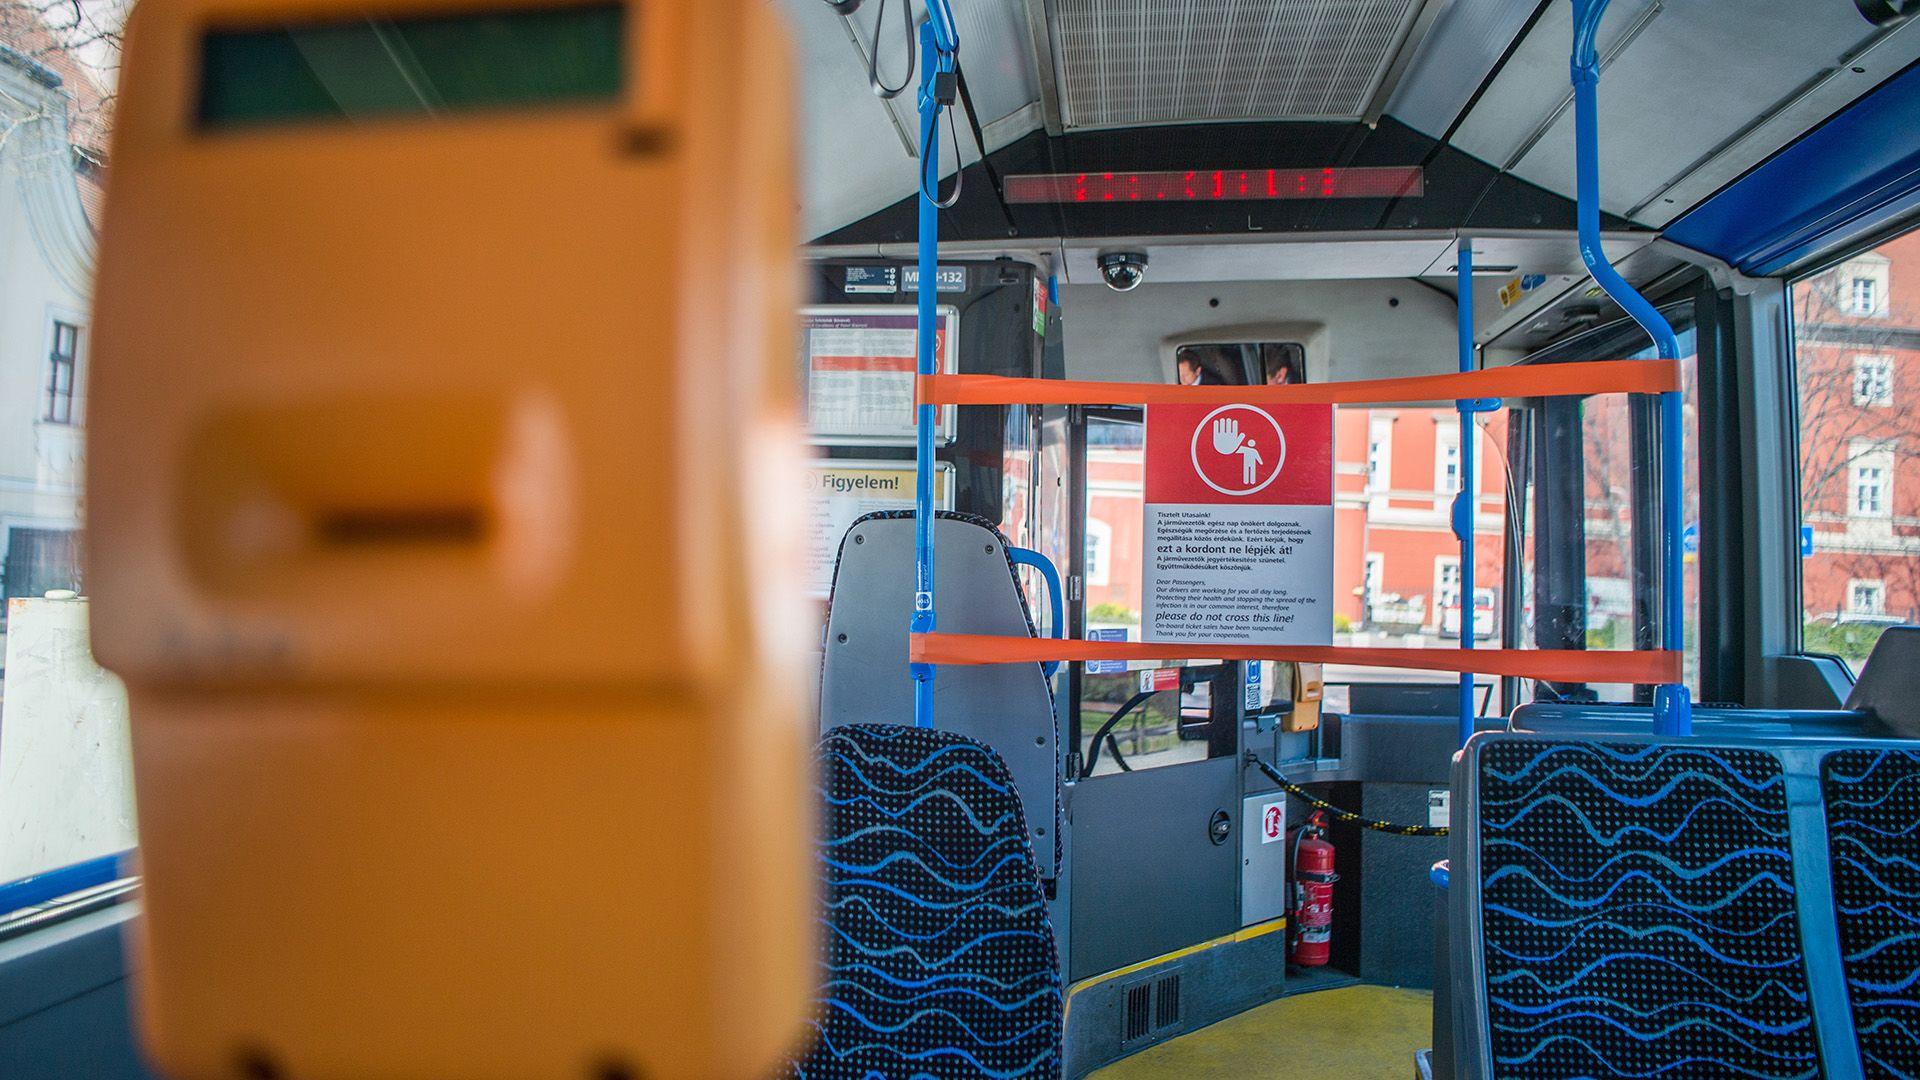 Tájékoztató felirat a járművezető védelmére felállított kordonon a BKK egyik autóbuszán (fotó:MTI/Balogh Zoltán)